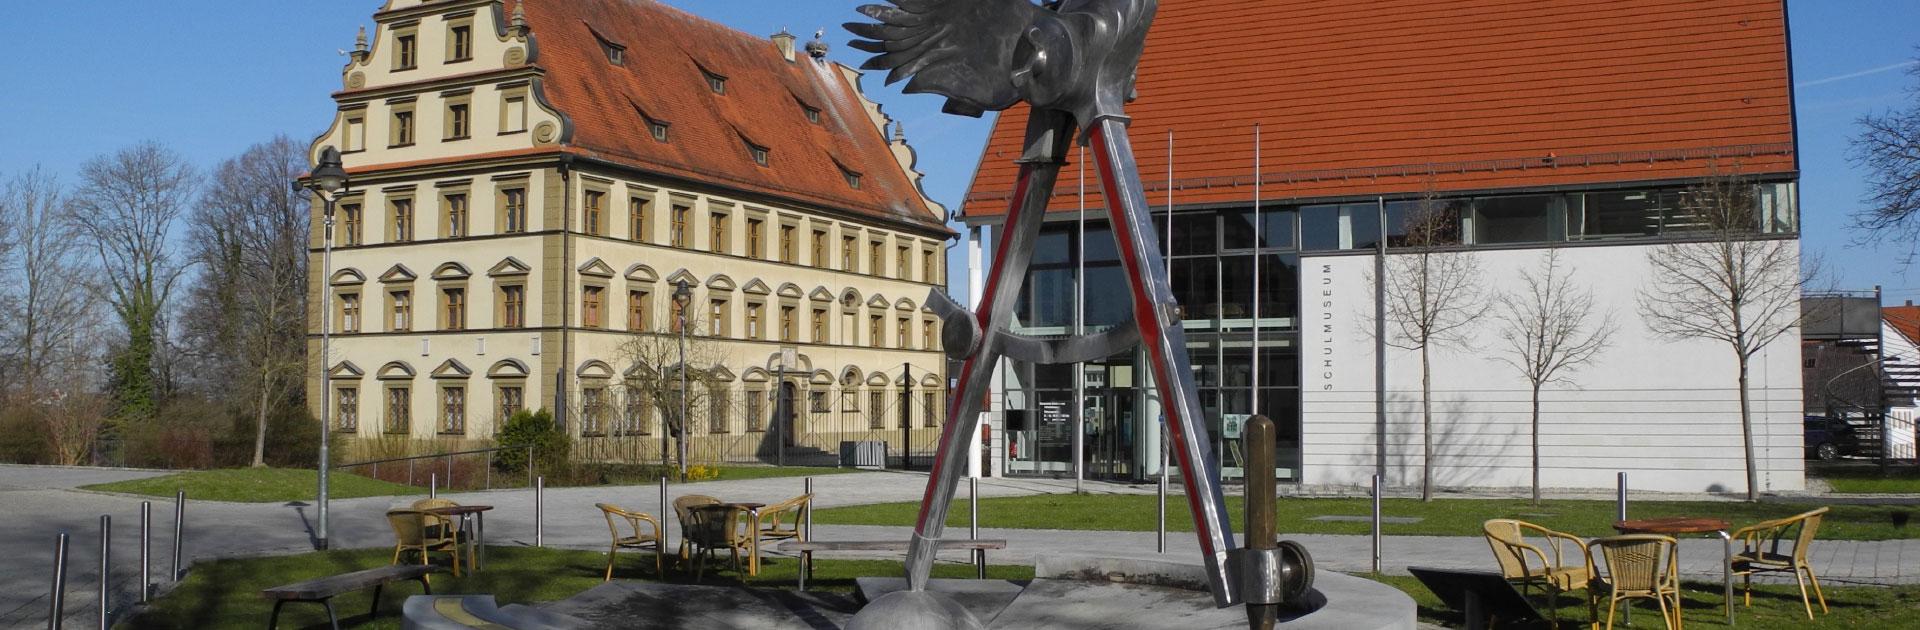 Ansicht Schulmuseum Ichenhausen von außen